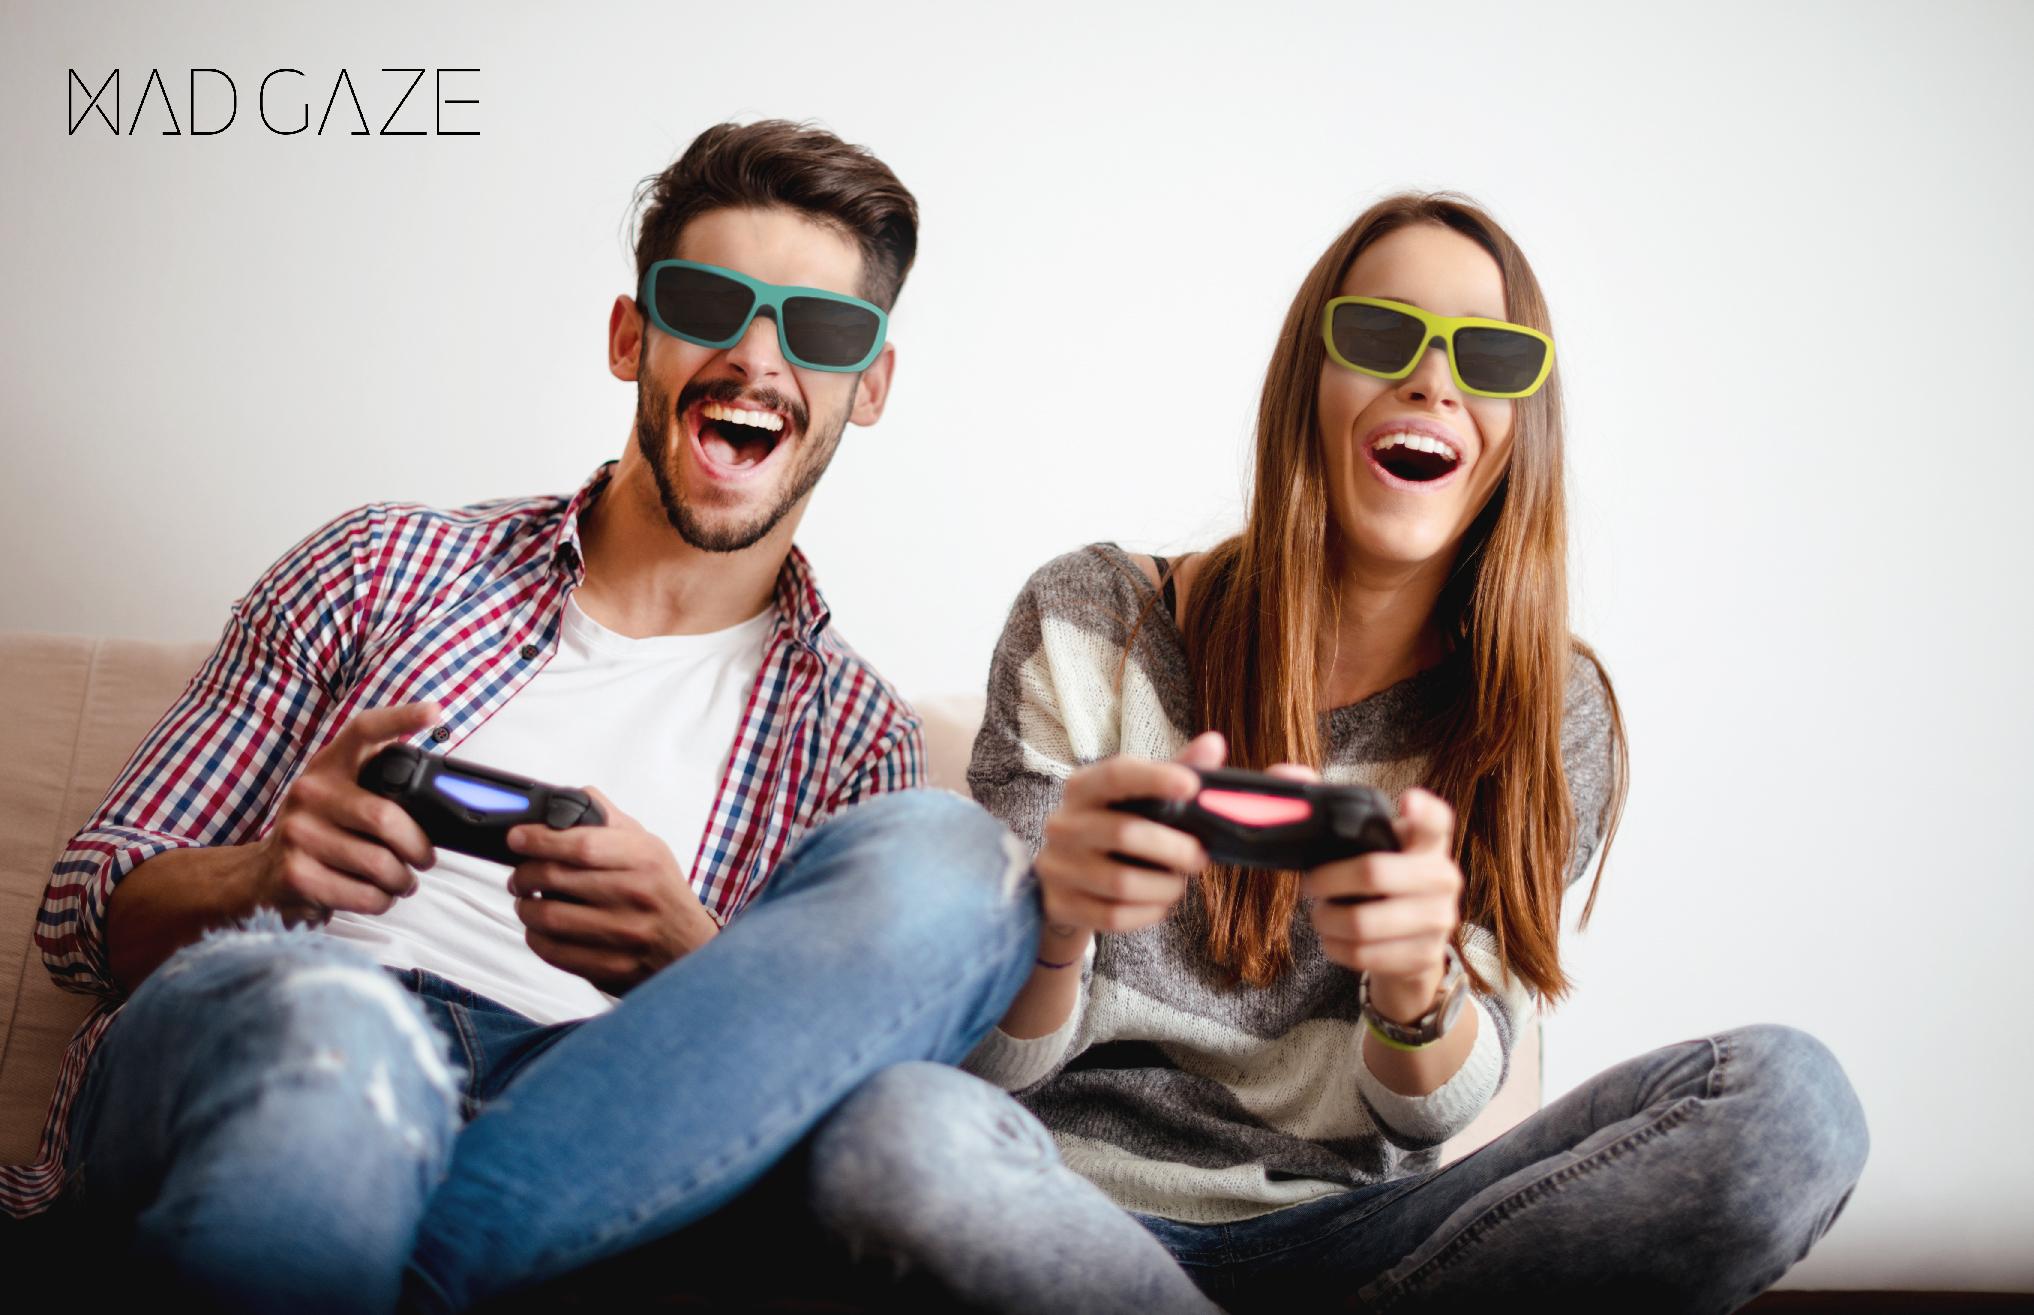 MAD Gaze glow plus gaming